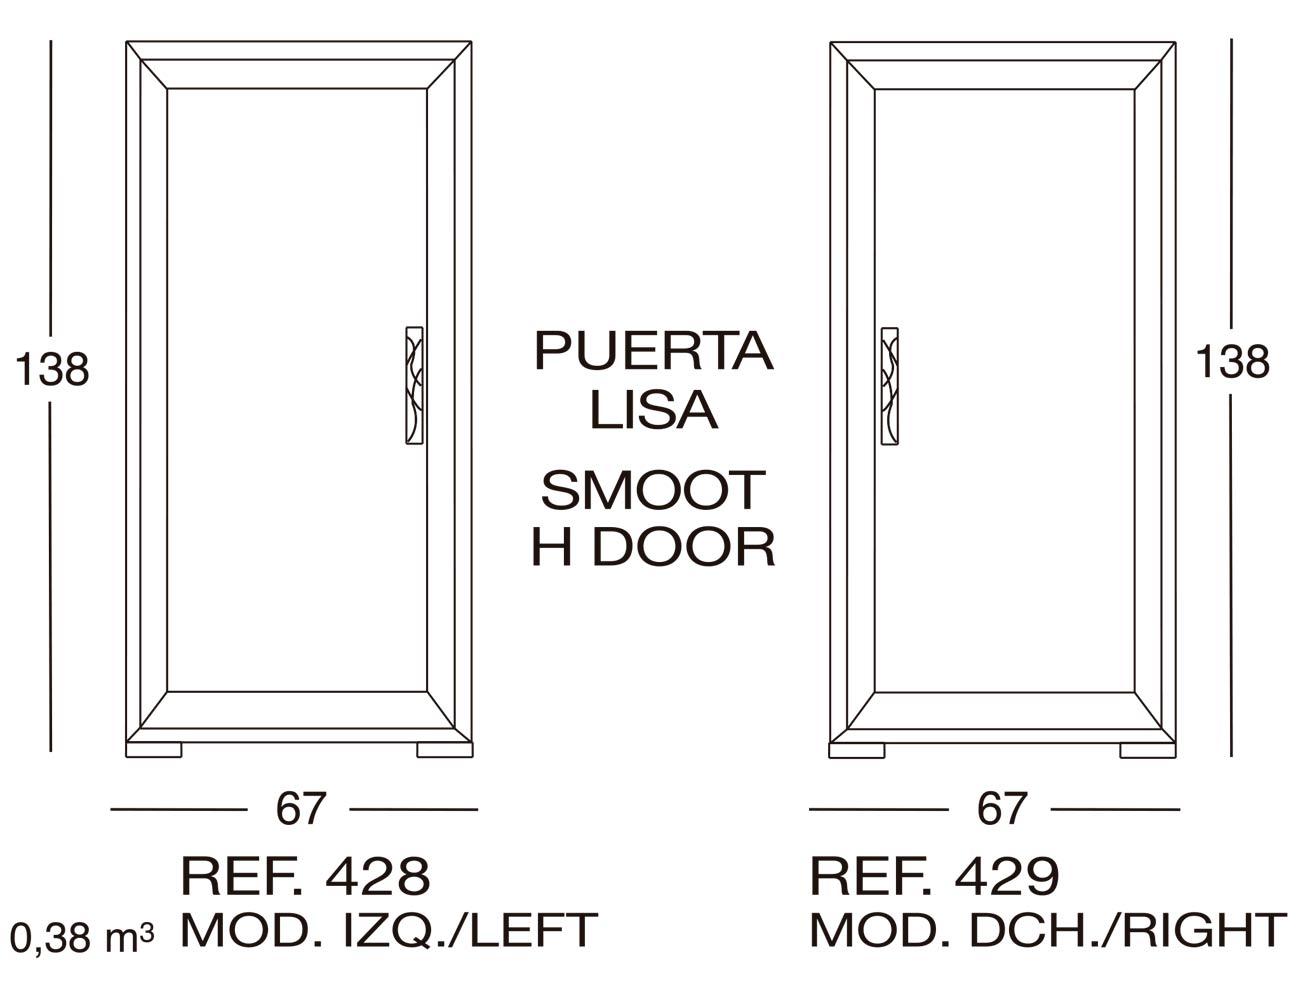 Modulo izdo puerta estriado dm 4281